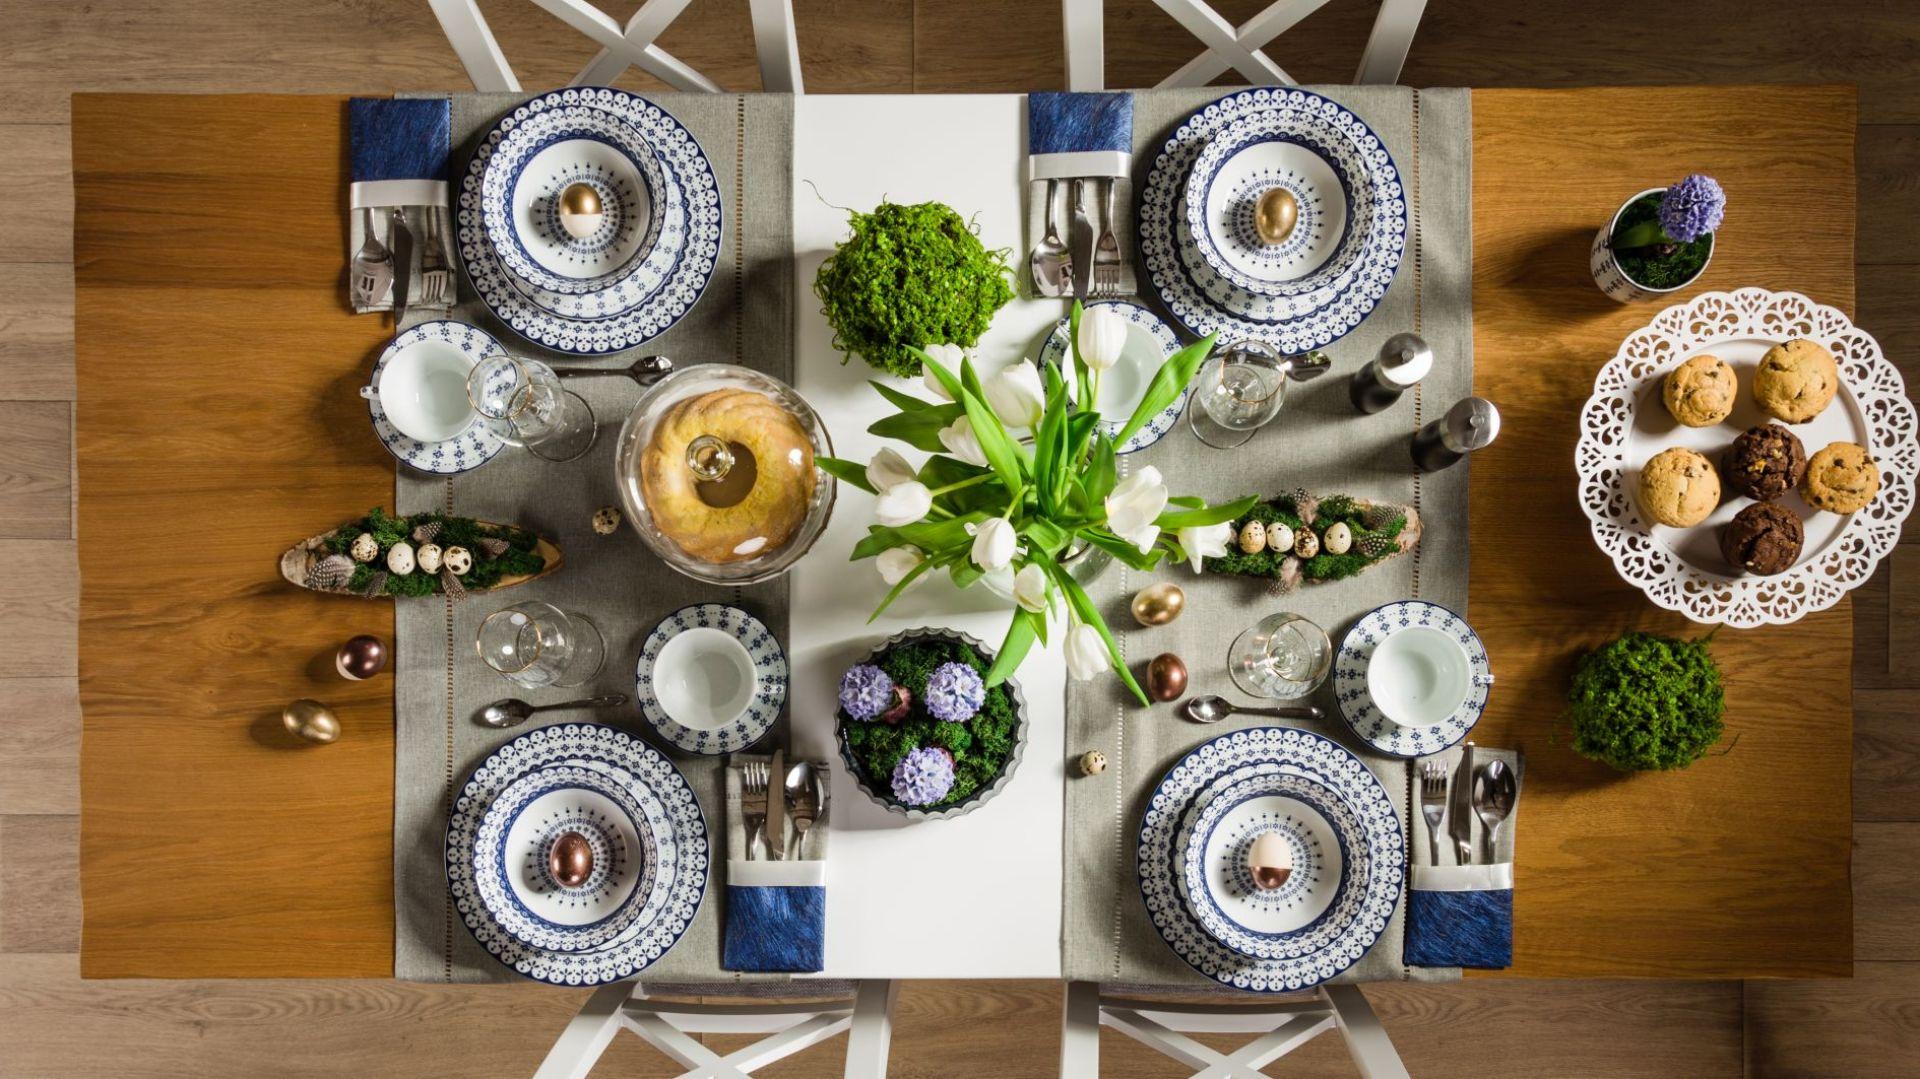 Wielkanocny stół. Fot. Agata